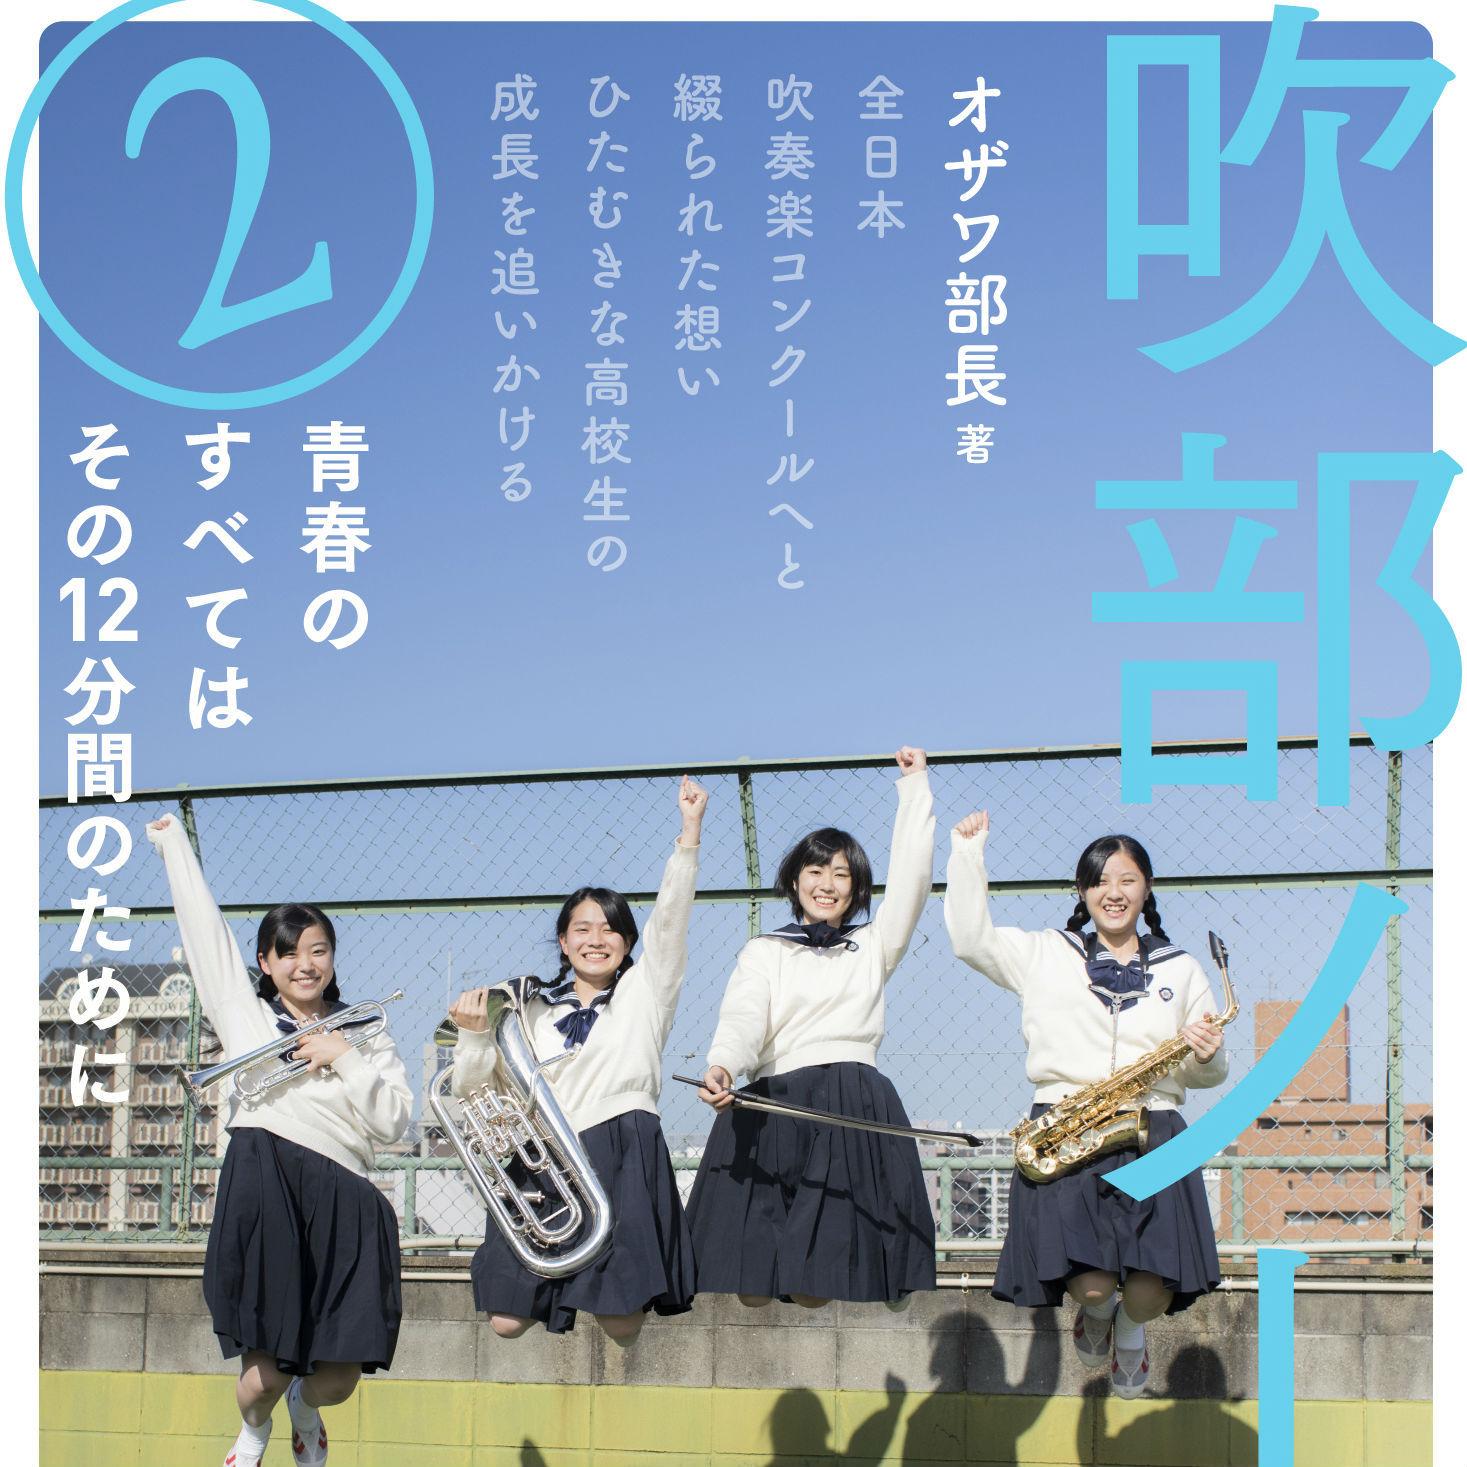 甲子園での応援に感謝を込めて、野球部から吹奏楽部への熱いエール<br />花咲徳栄高校の物語【前篇】